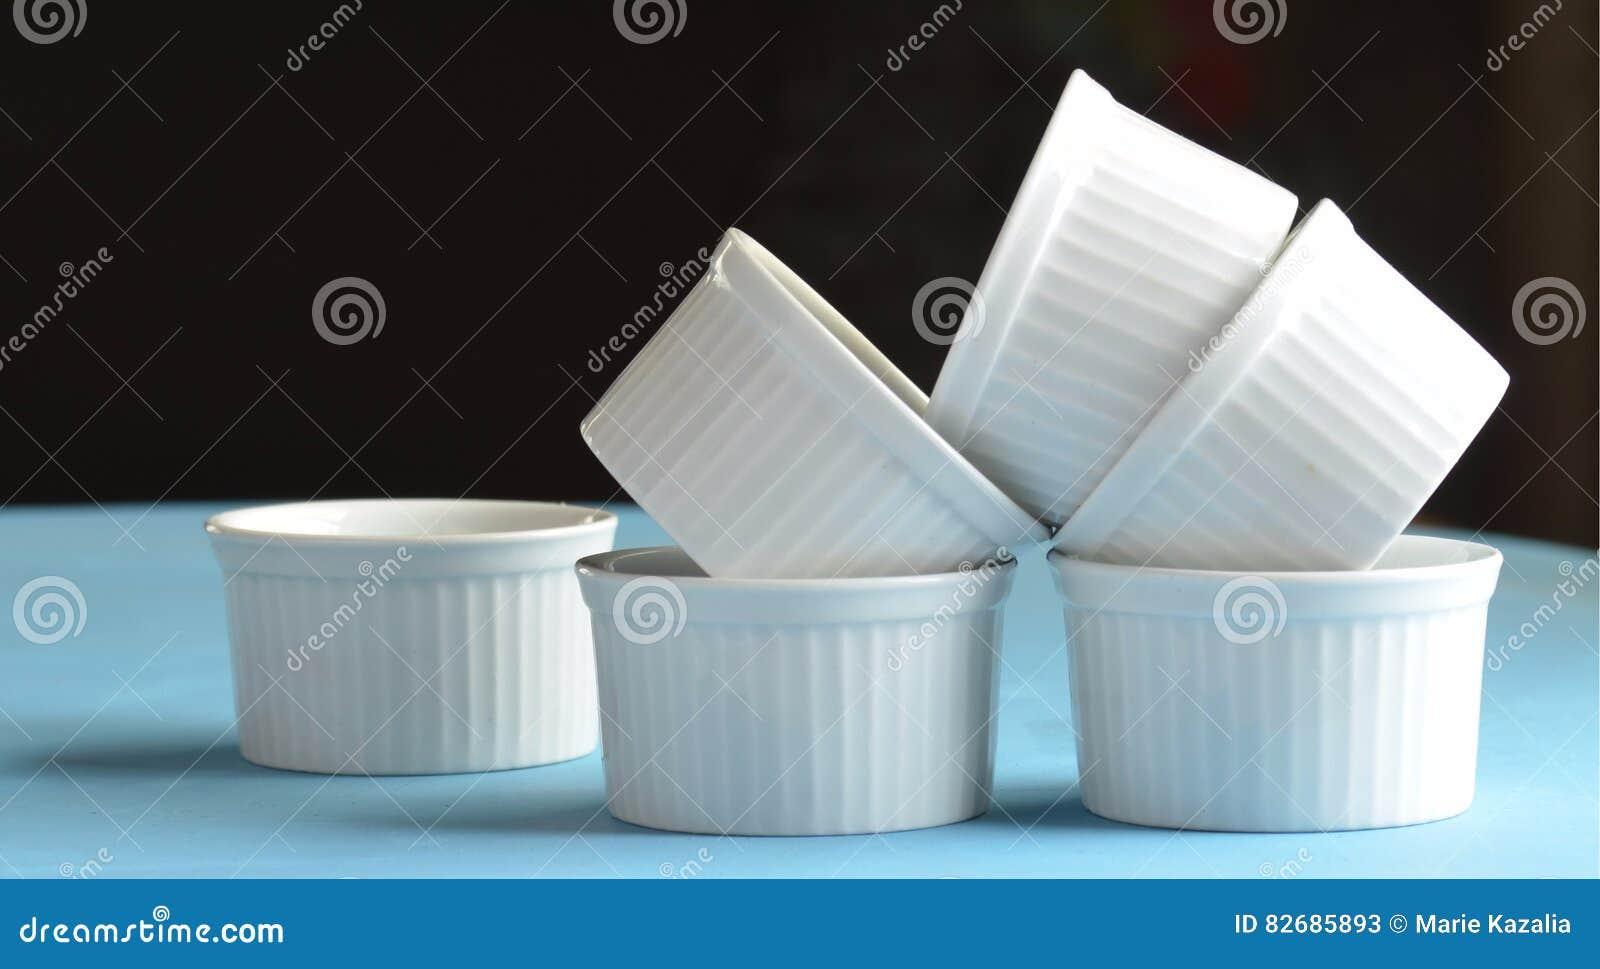 Minibackformen weißen Porzellan Ramekin